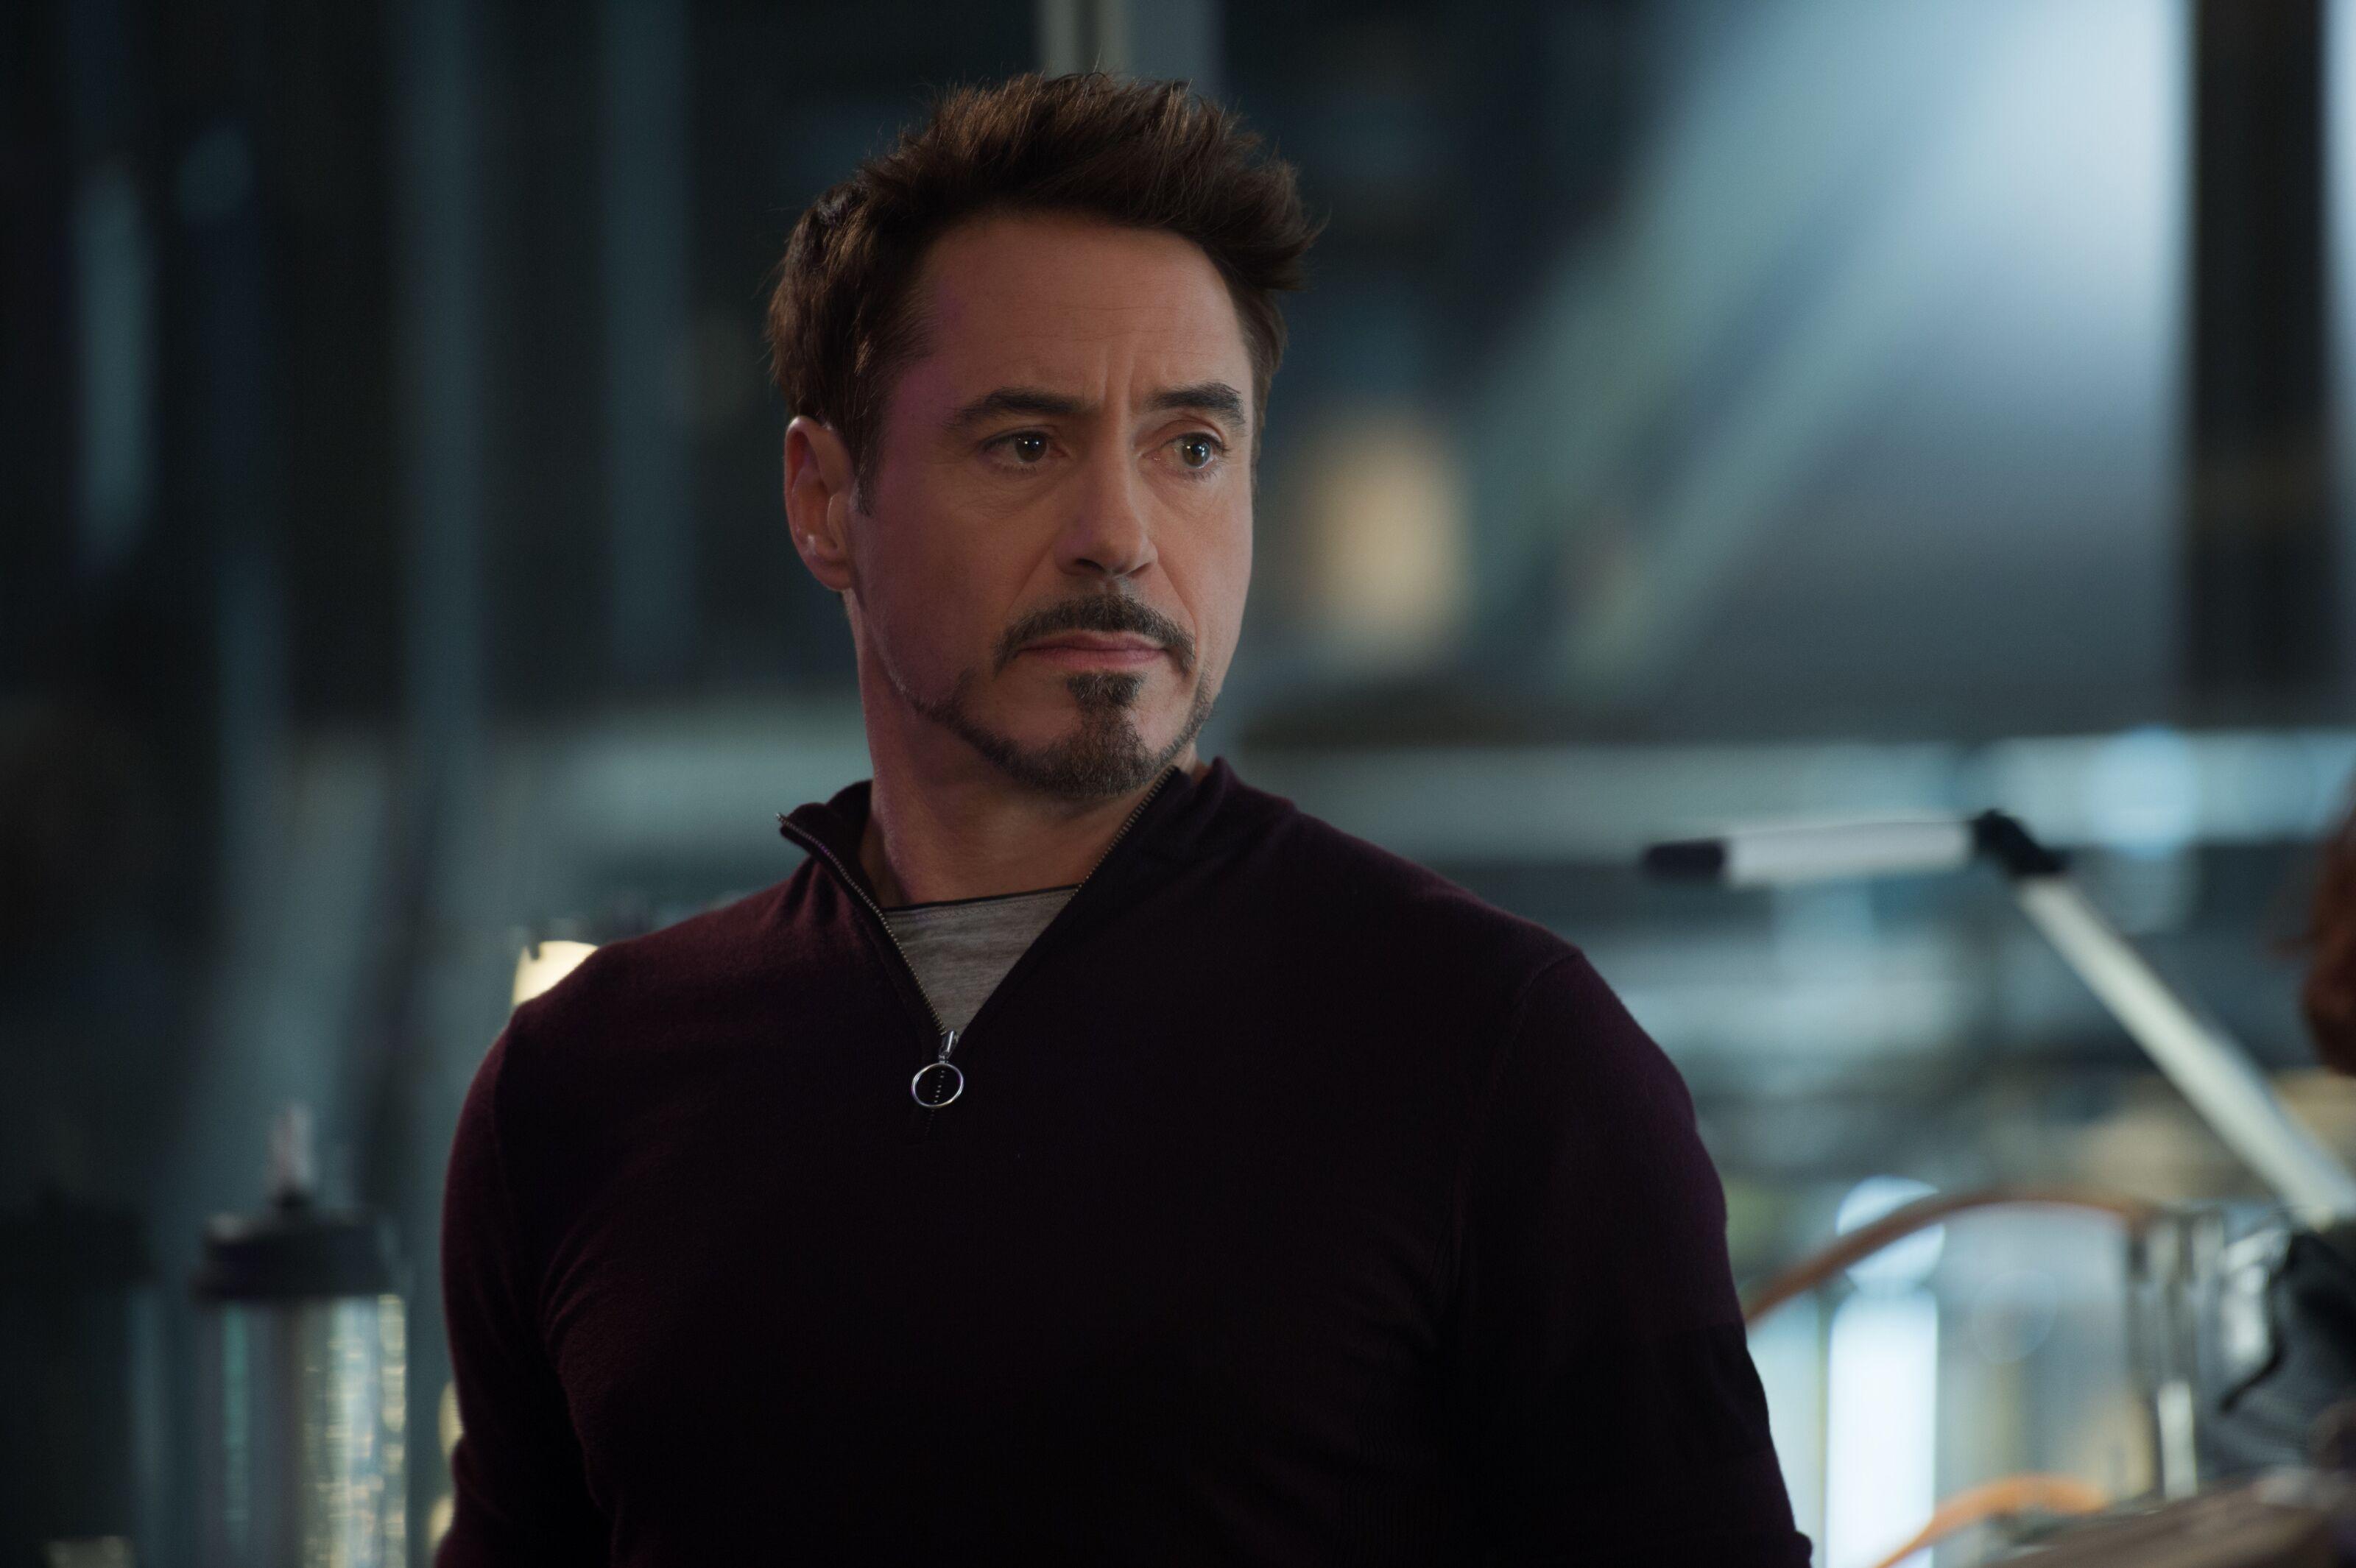 Robert Downey Jr. returning as Iron Man in Disney Plus' What If…?